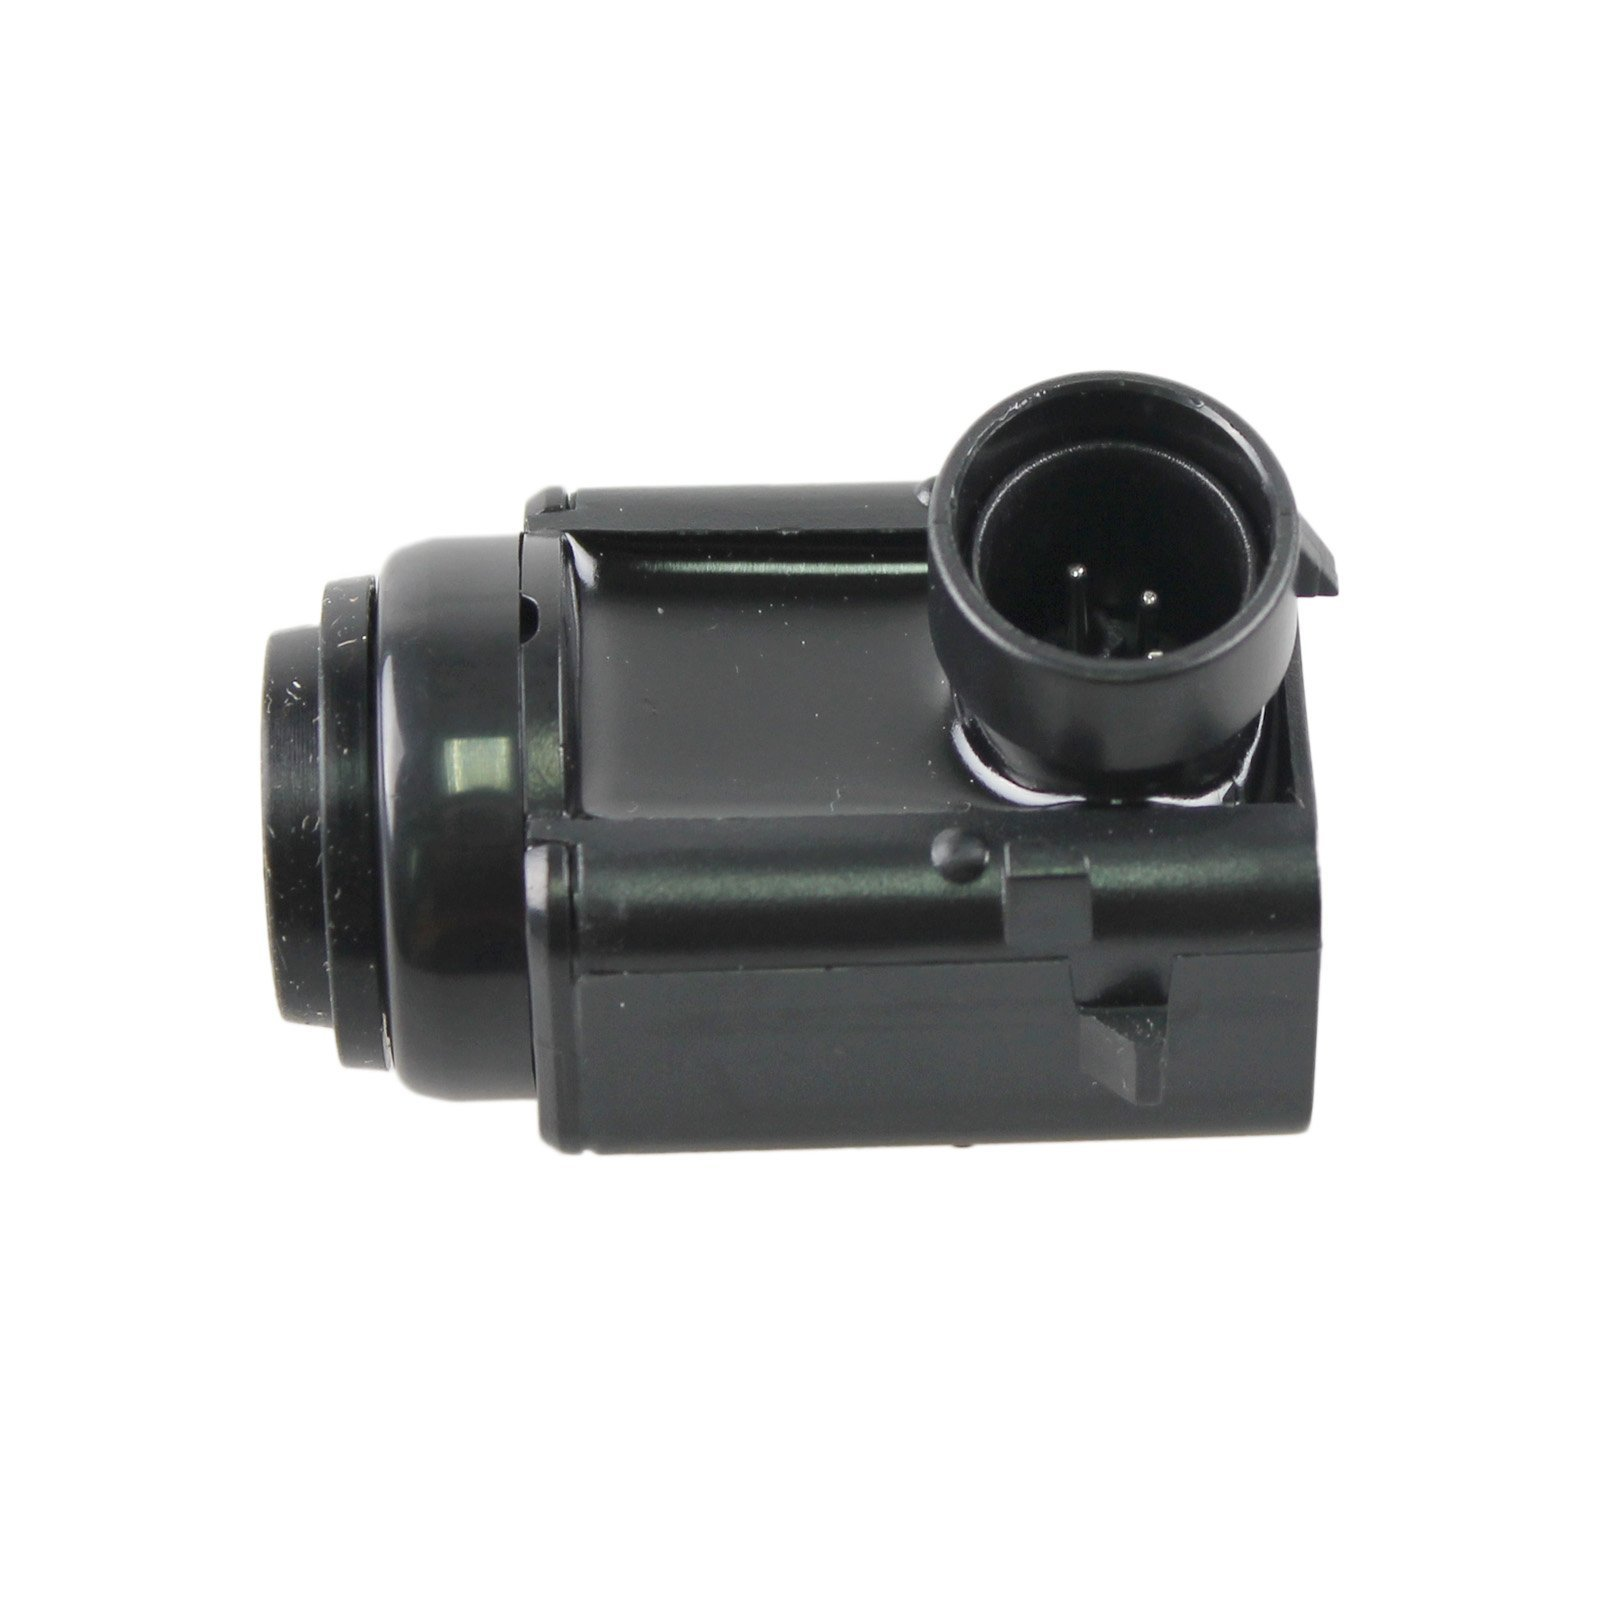 Tuneway Car Gear Shift Knob Handle Stick For Mercedes For C E Clk Cls Slk W204 W203 W211 W212 W209 R171 R172